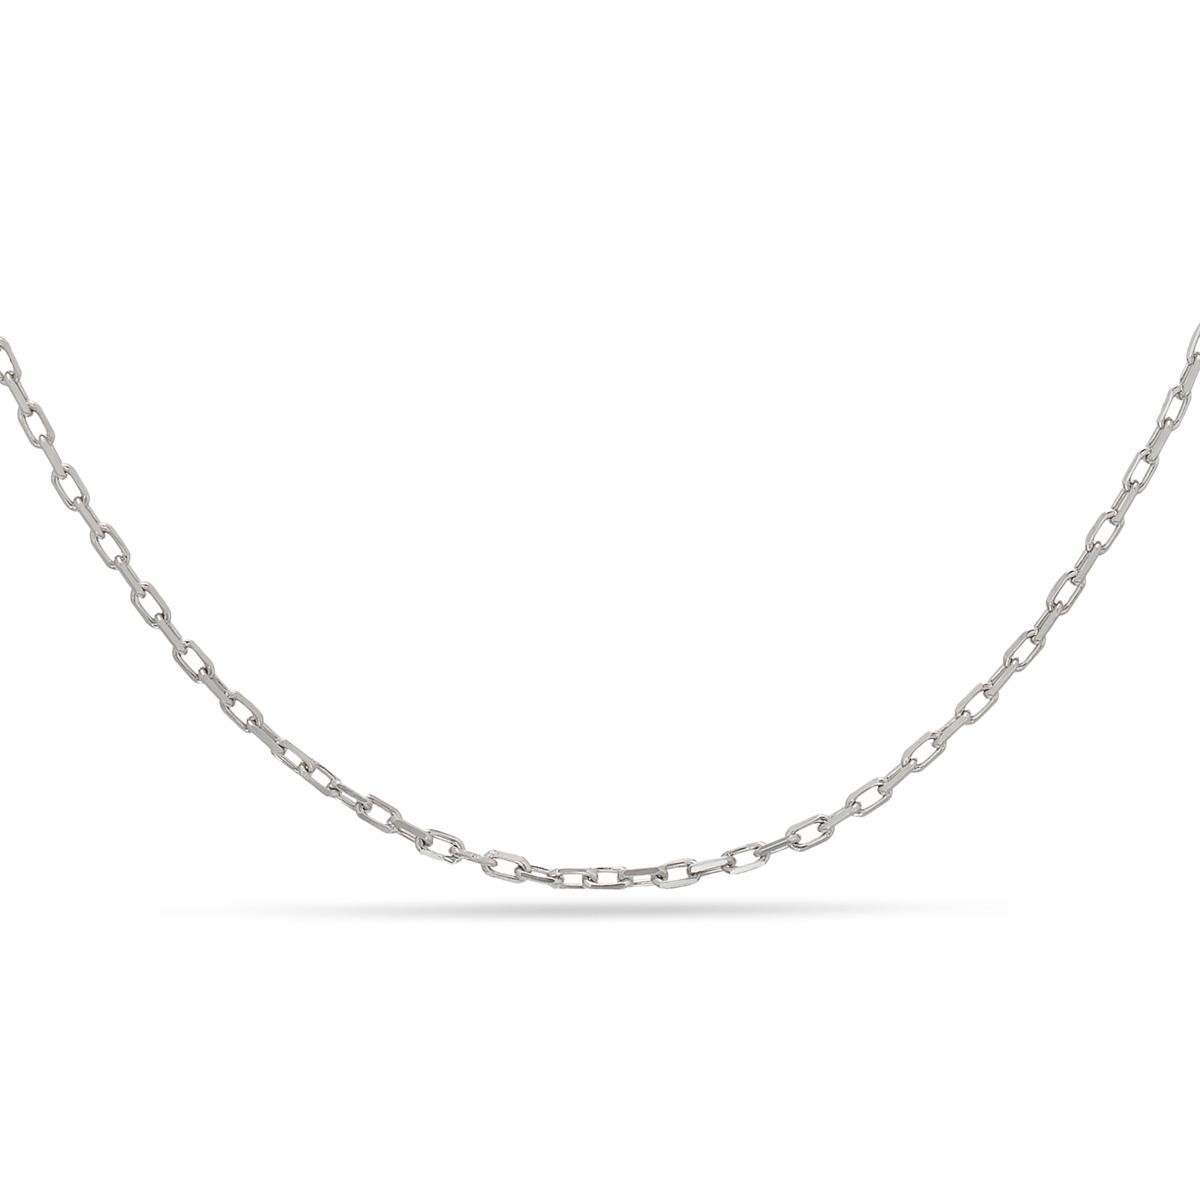 Glaring chain